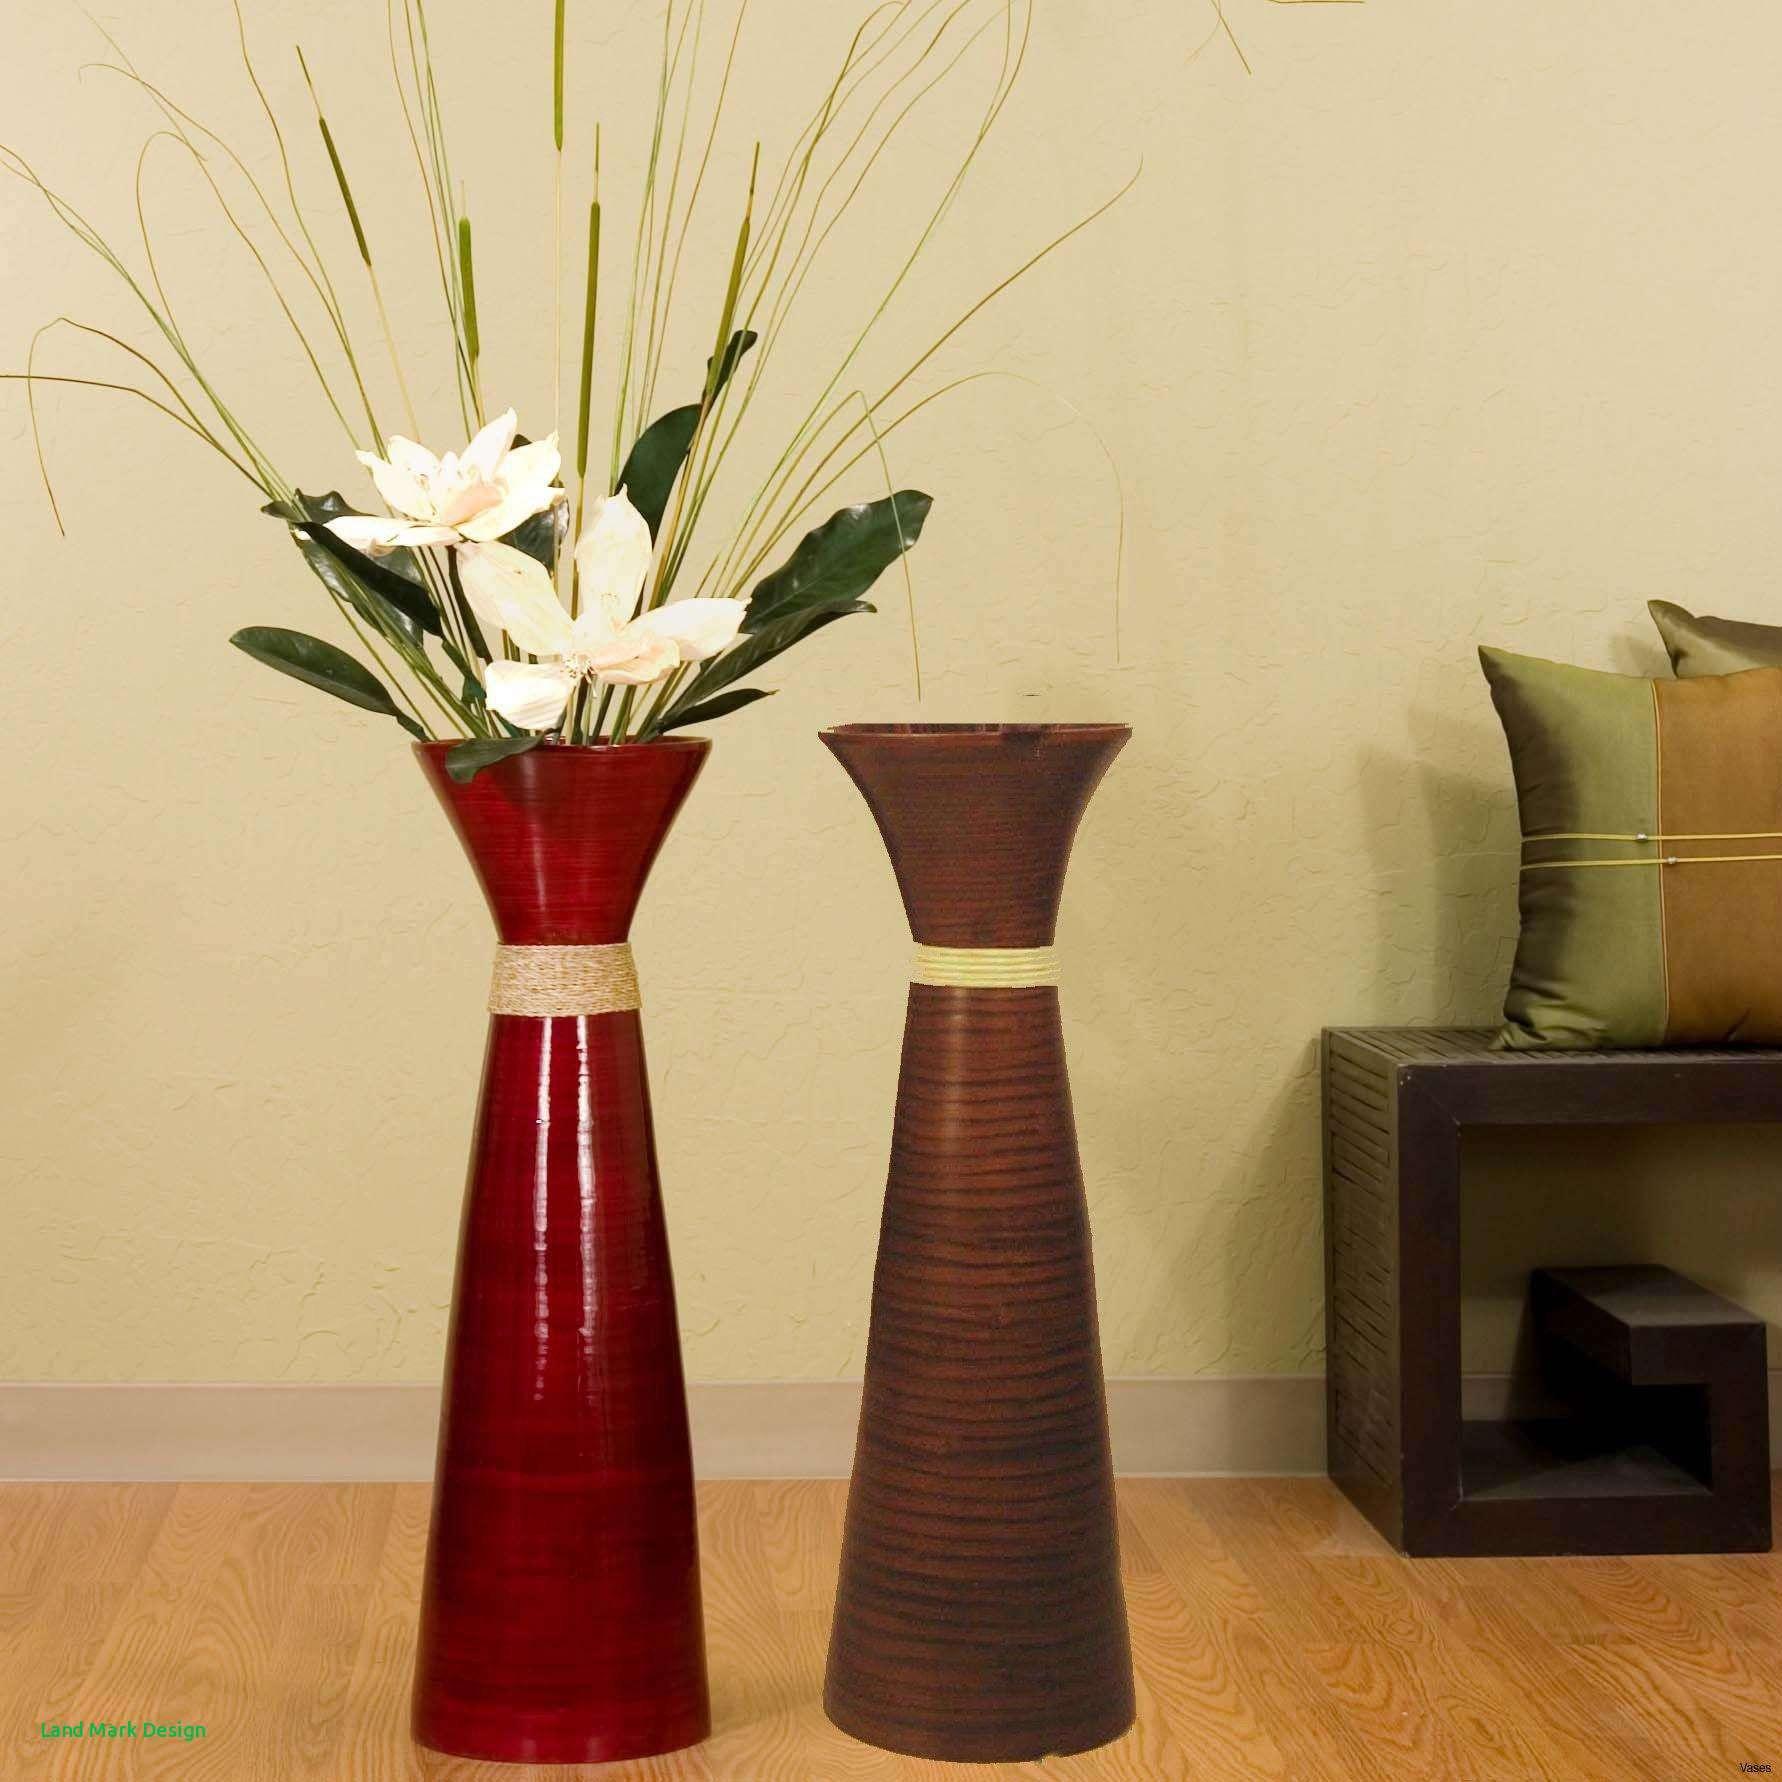 19 Awesome Large Flower Vase Decorative Vase Ideas